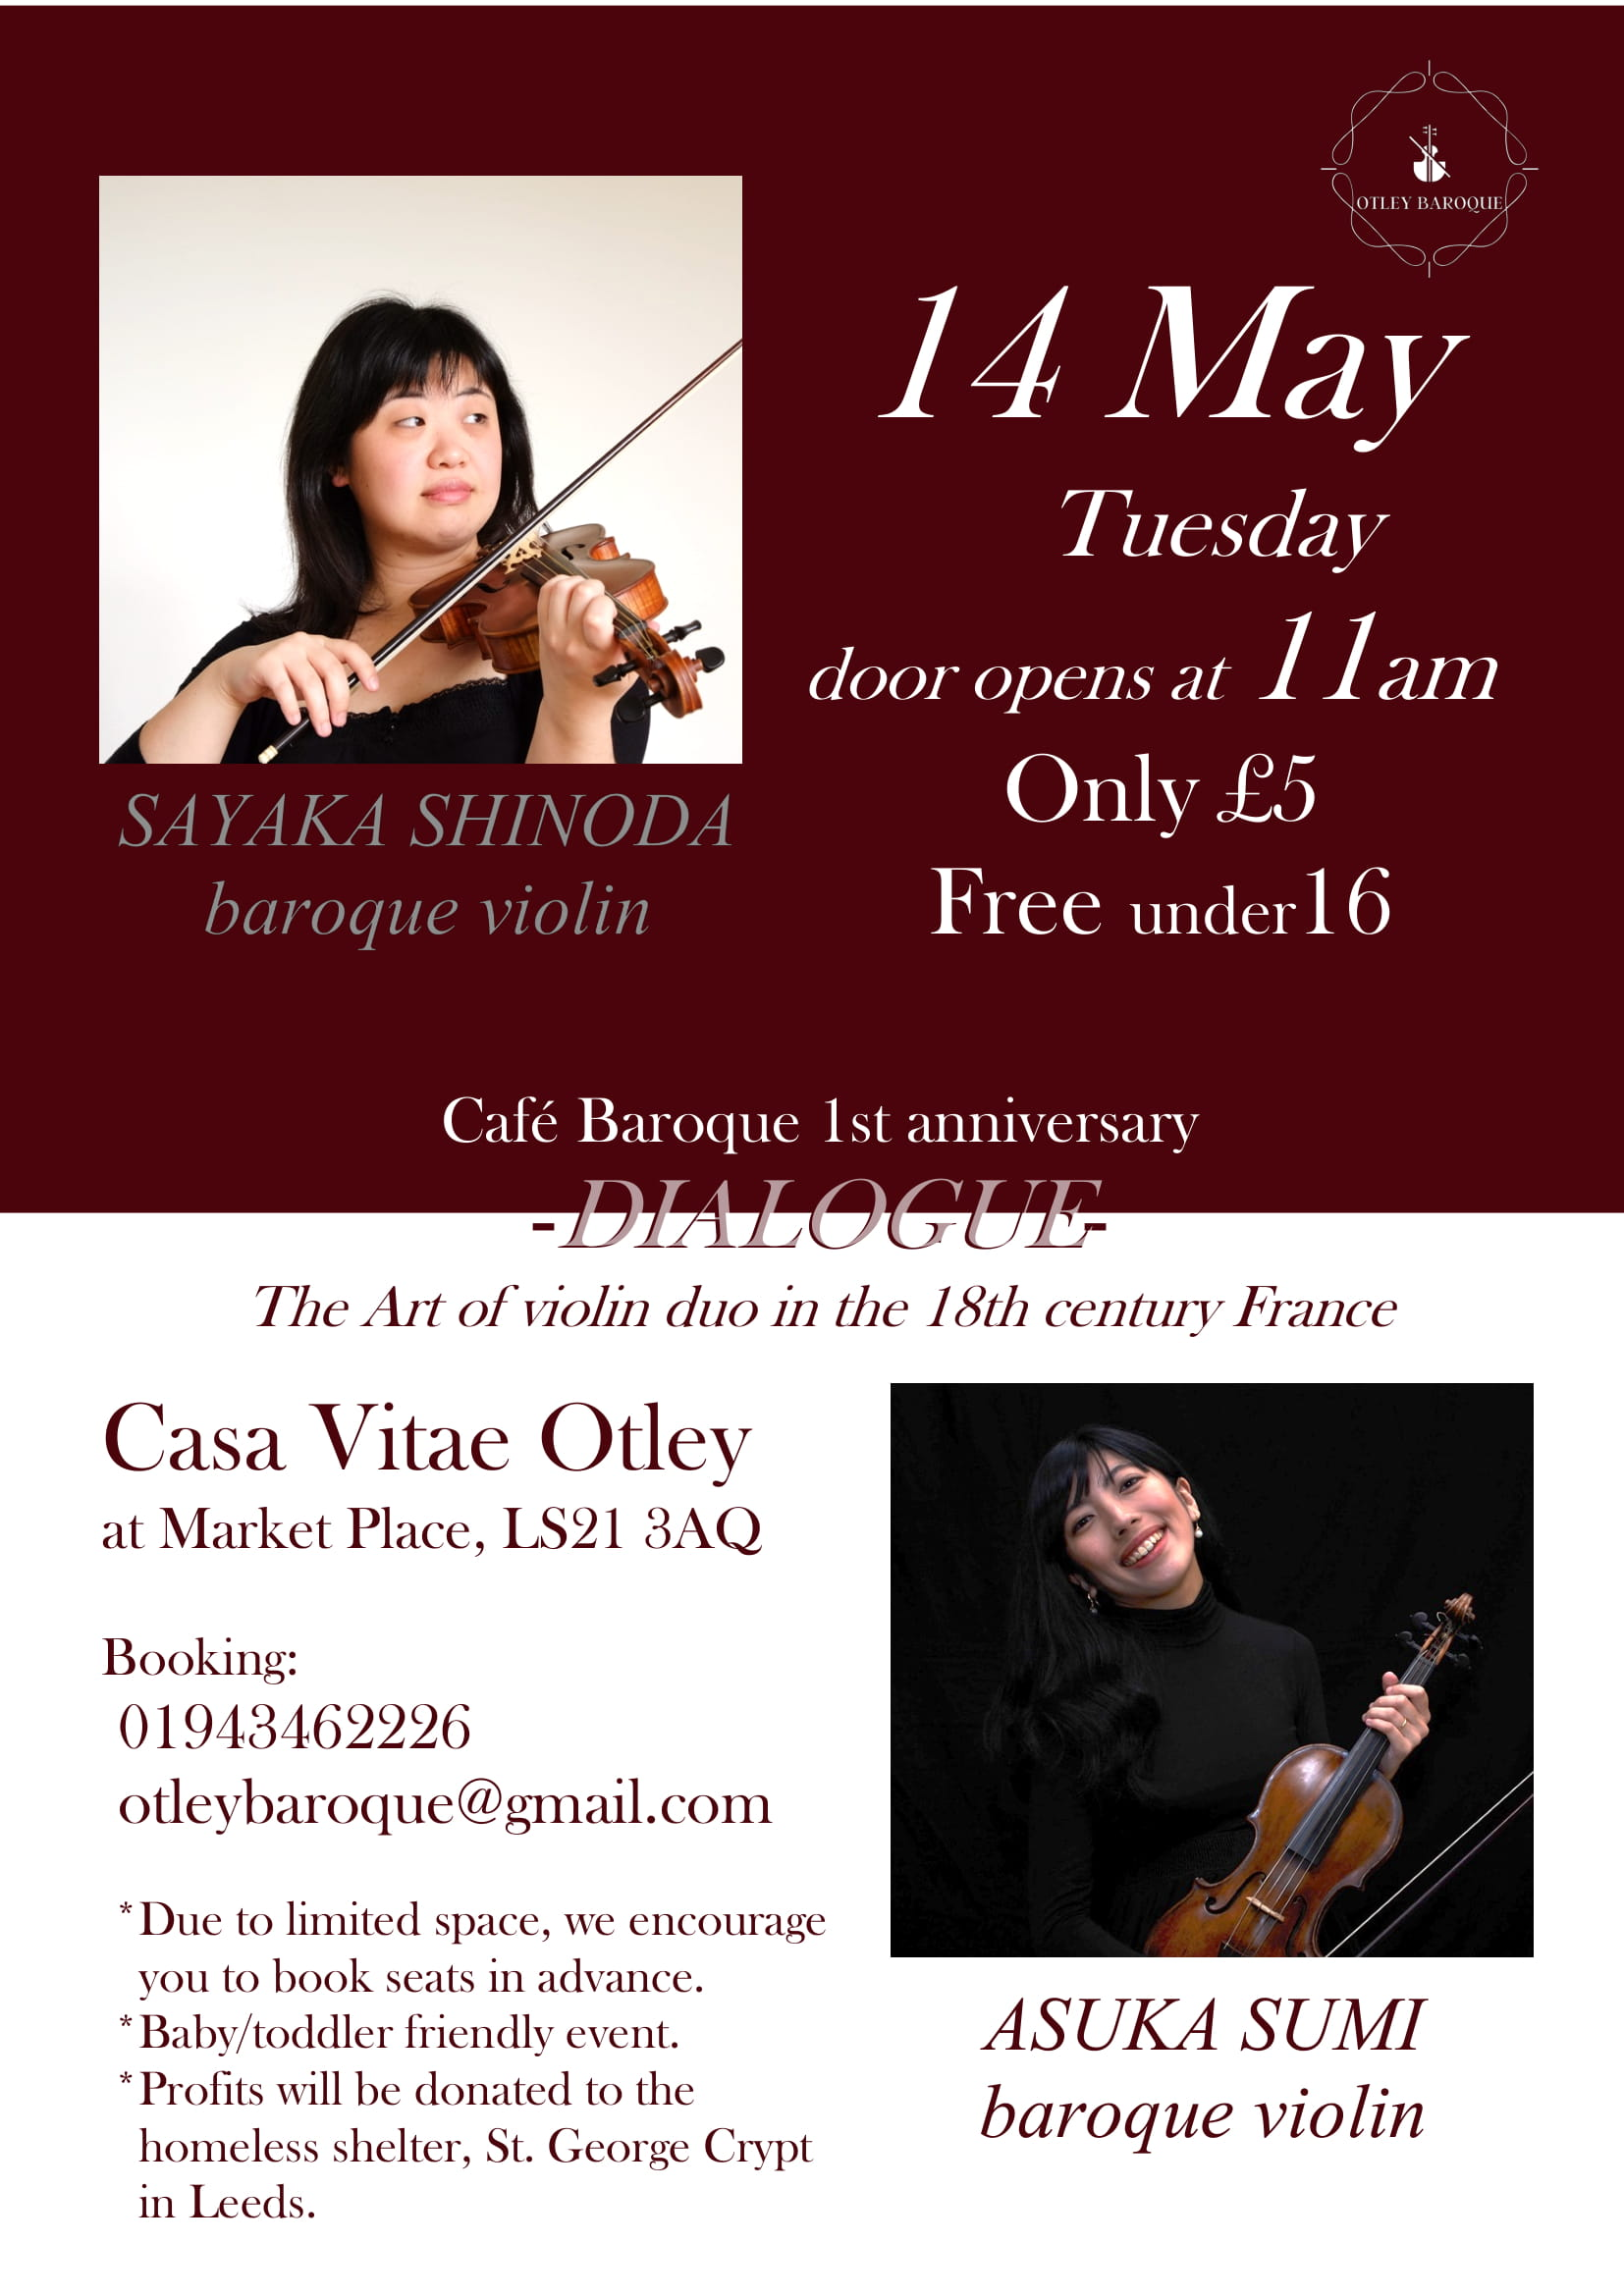 cafe baroque vol.3 flyer-1